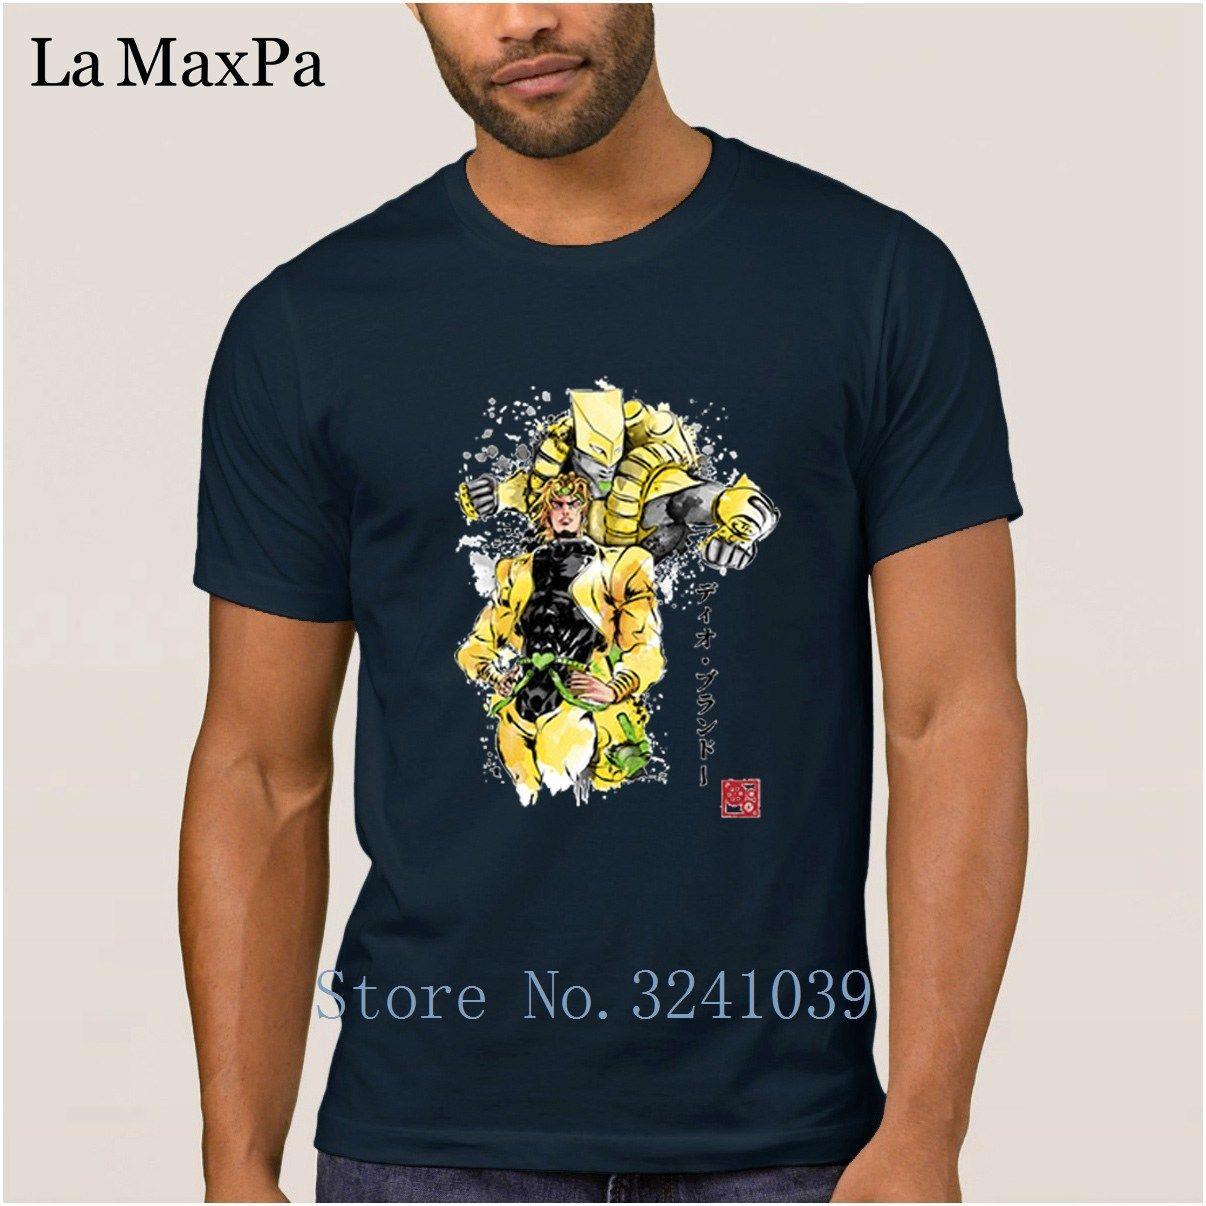 Yaratık Moda Tişört Kısa Kollu Erkek Tişört Za Warudo Tişörtlü Erkekler Ucuz Satılık 3XL Camiseta Gömlek Plus Size Soğuk